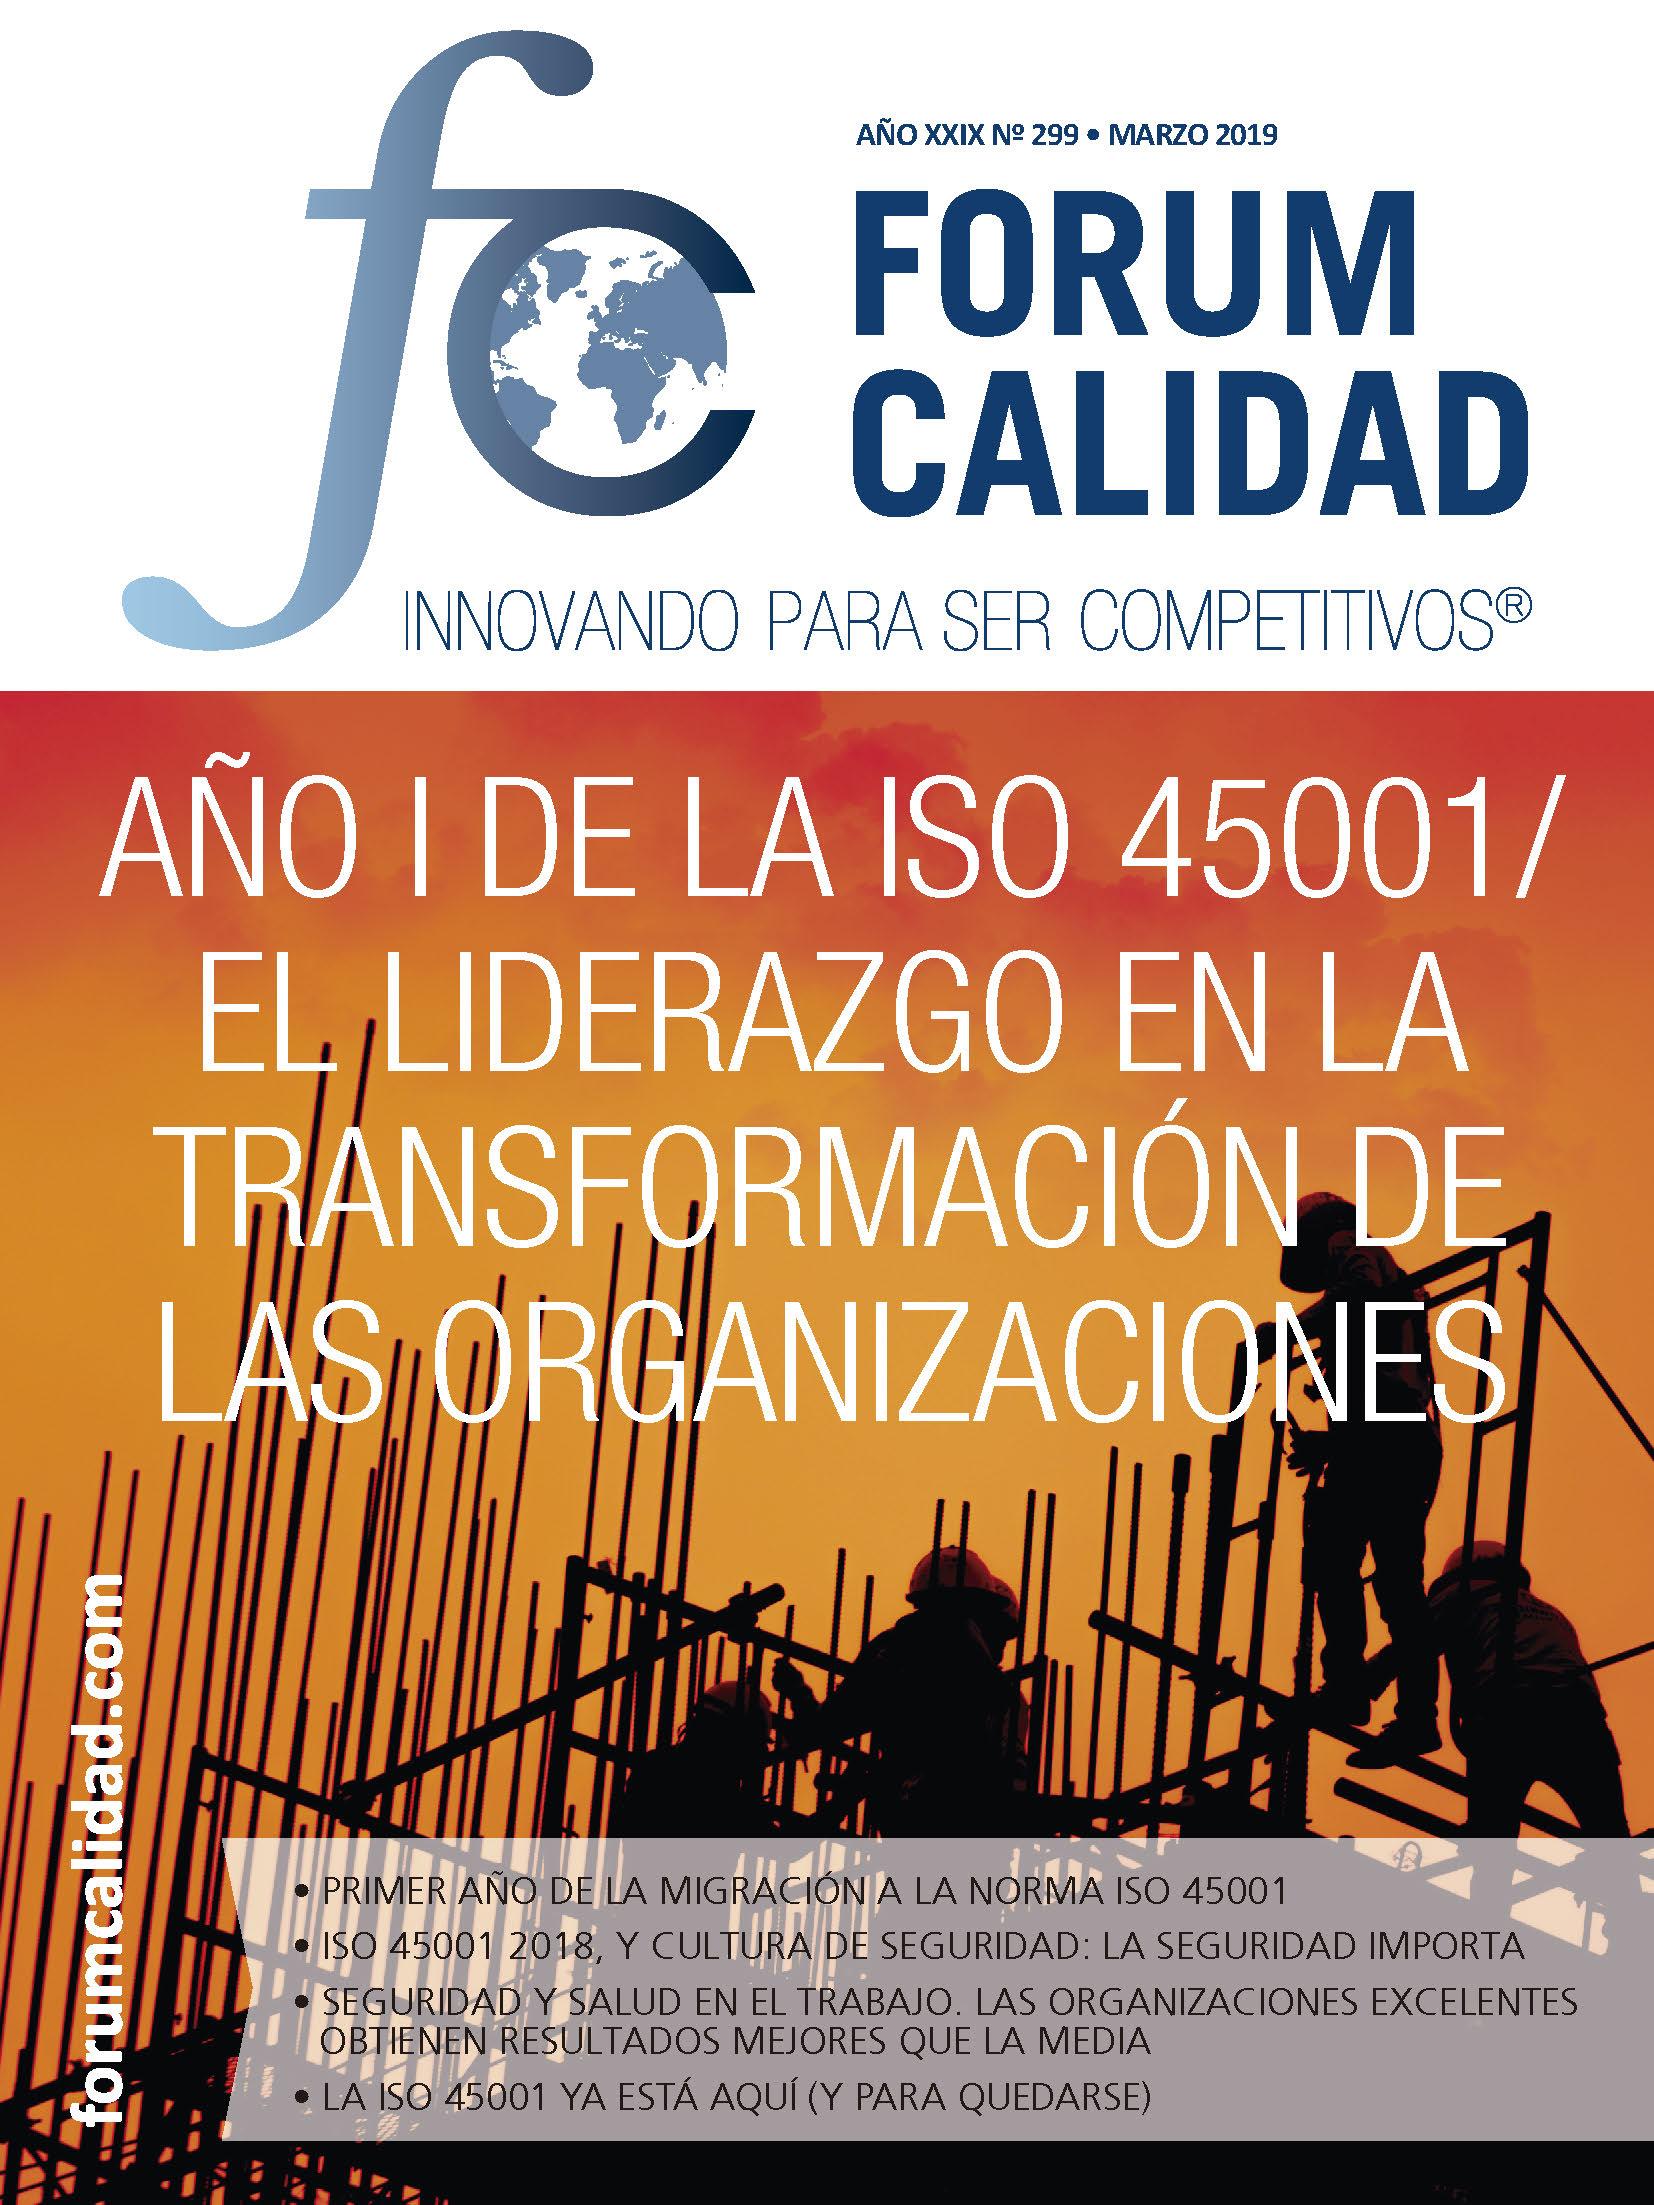 Forum Calidad nº 299 Marzo 2019